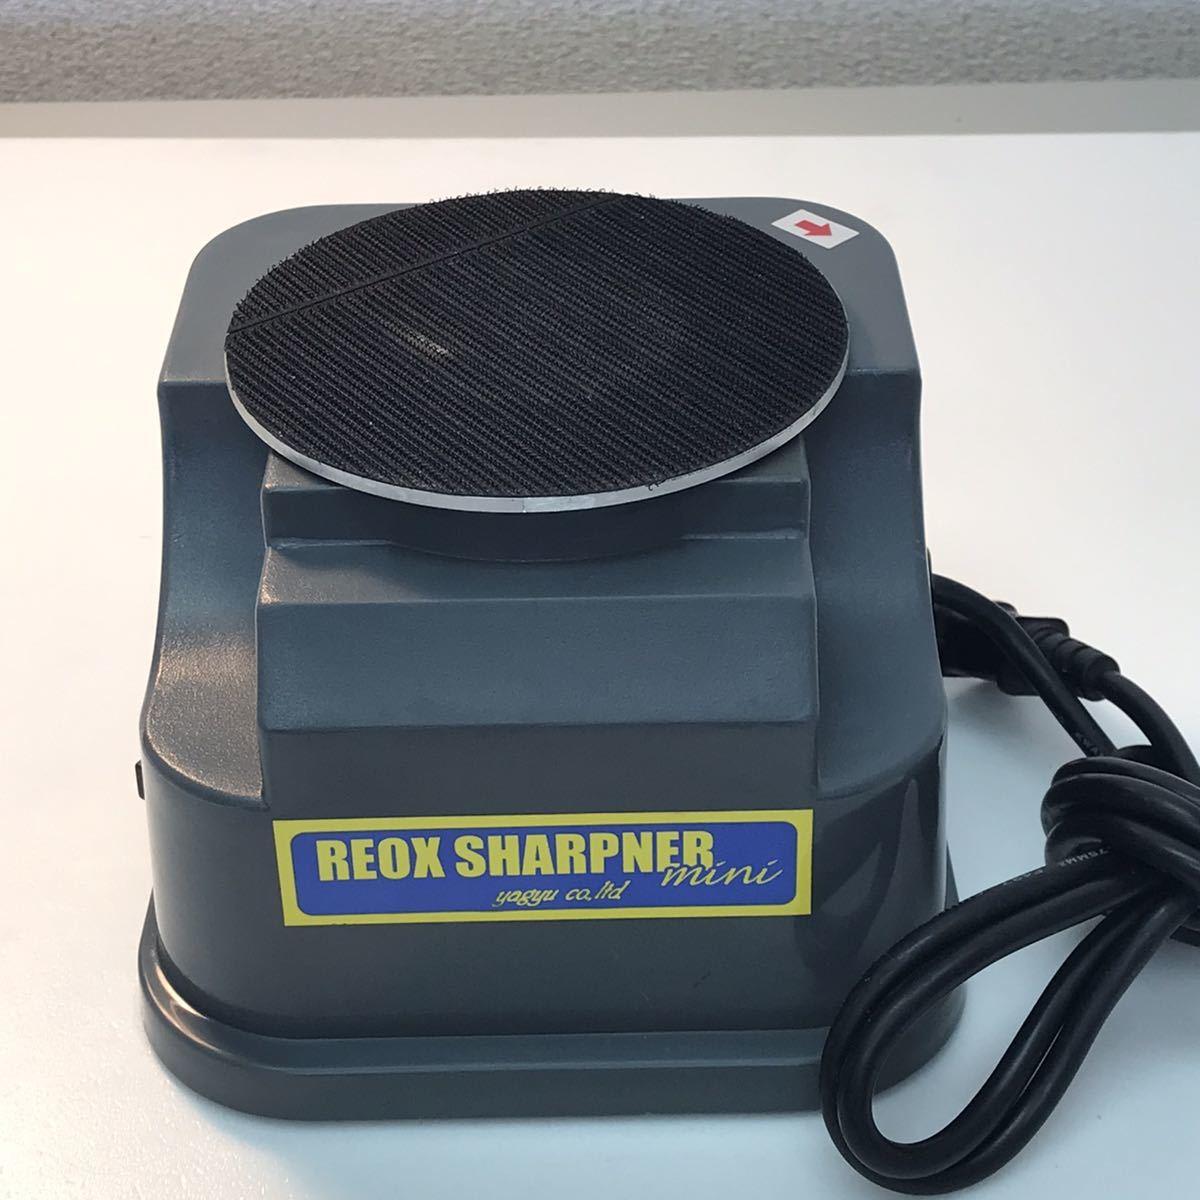 ☆理容 REOX SHARPNER mini ダイヤモンド 刃物研ぎ機 RSH-2 美品(8)